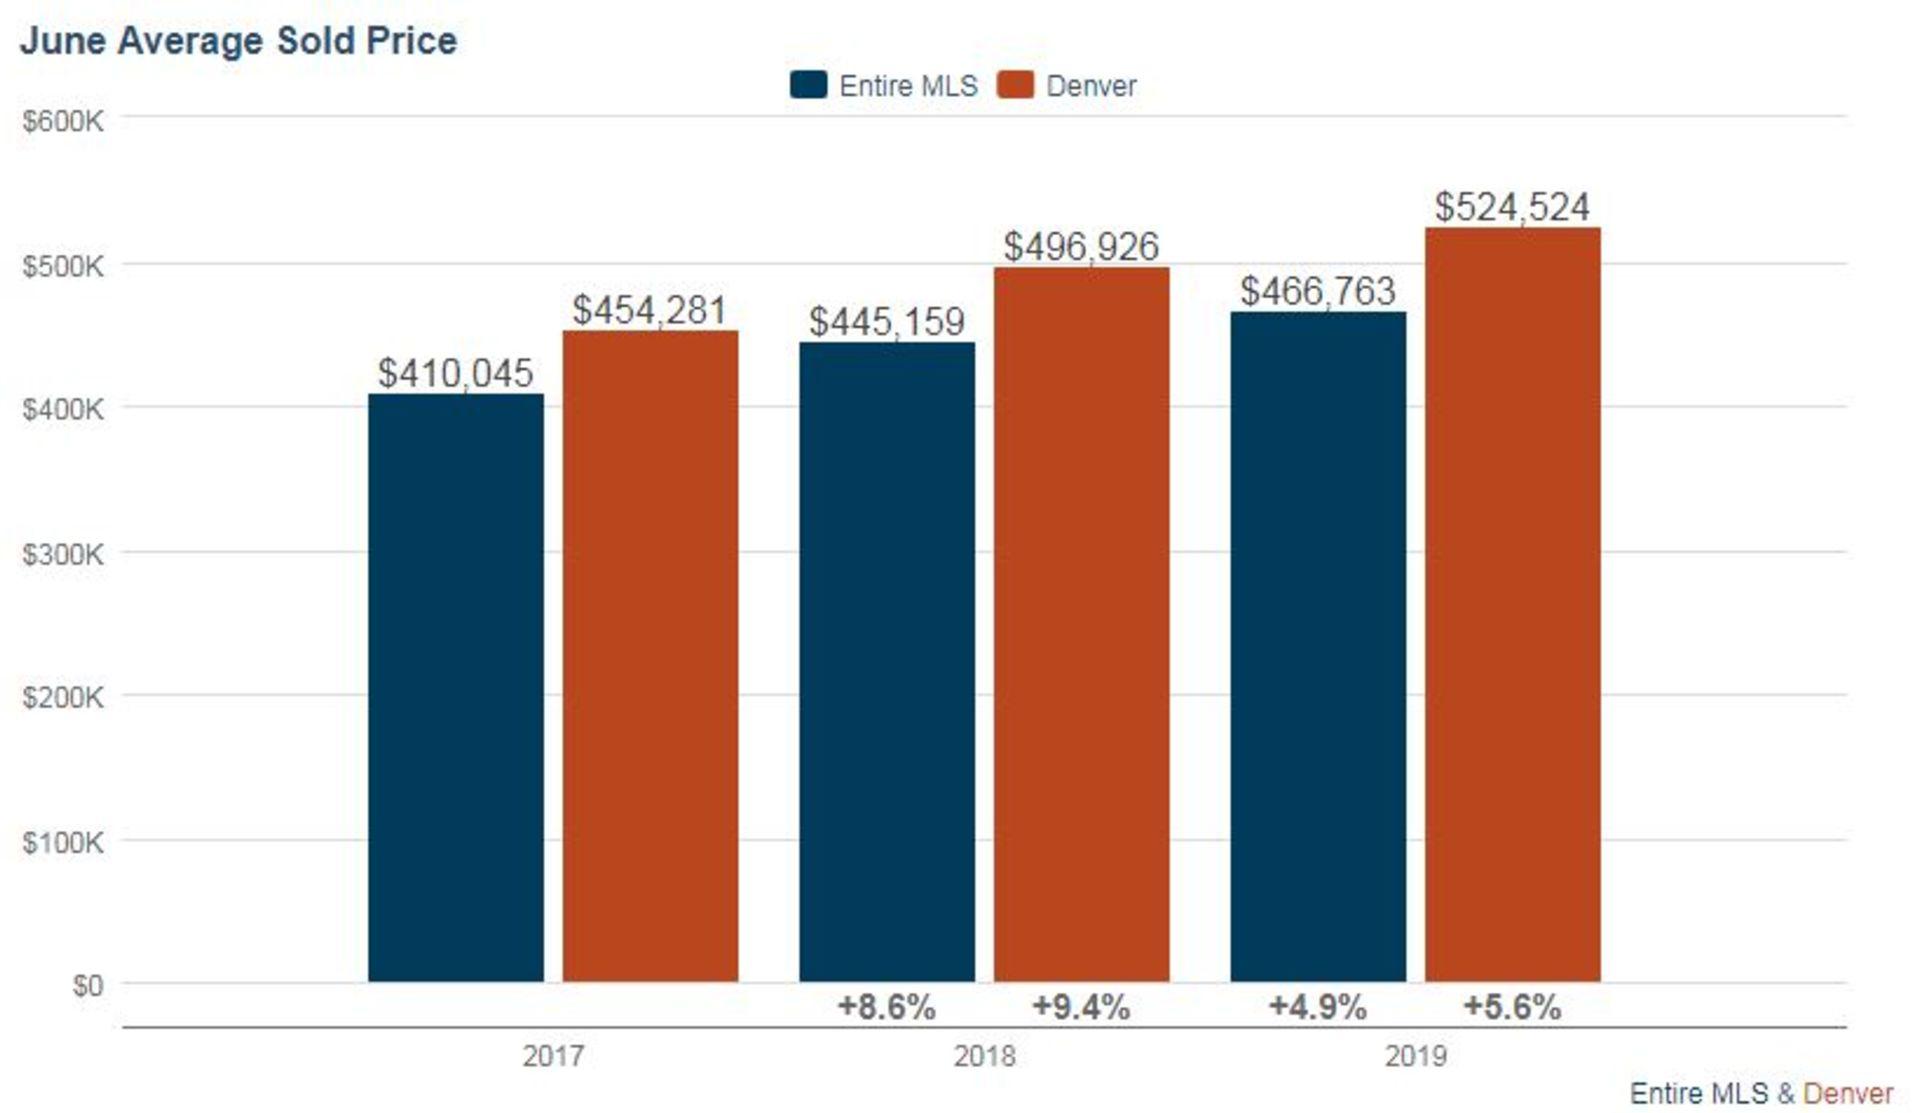 Denver Real Estate Market Update – July 2019